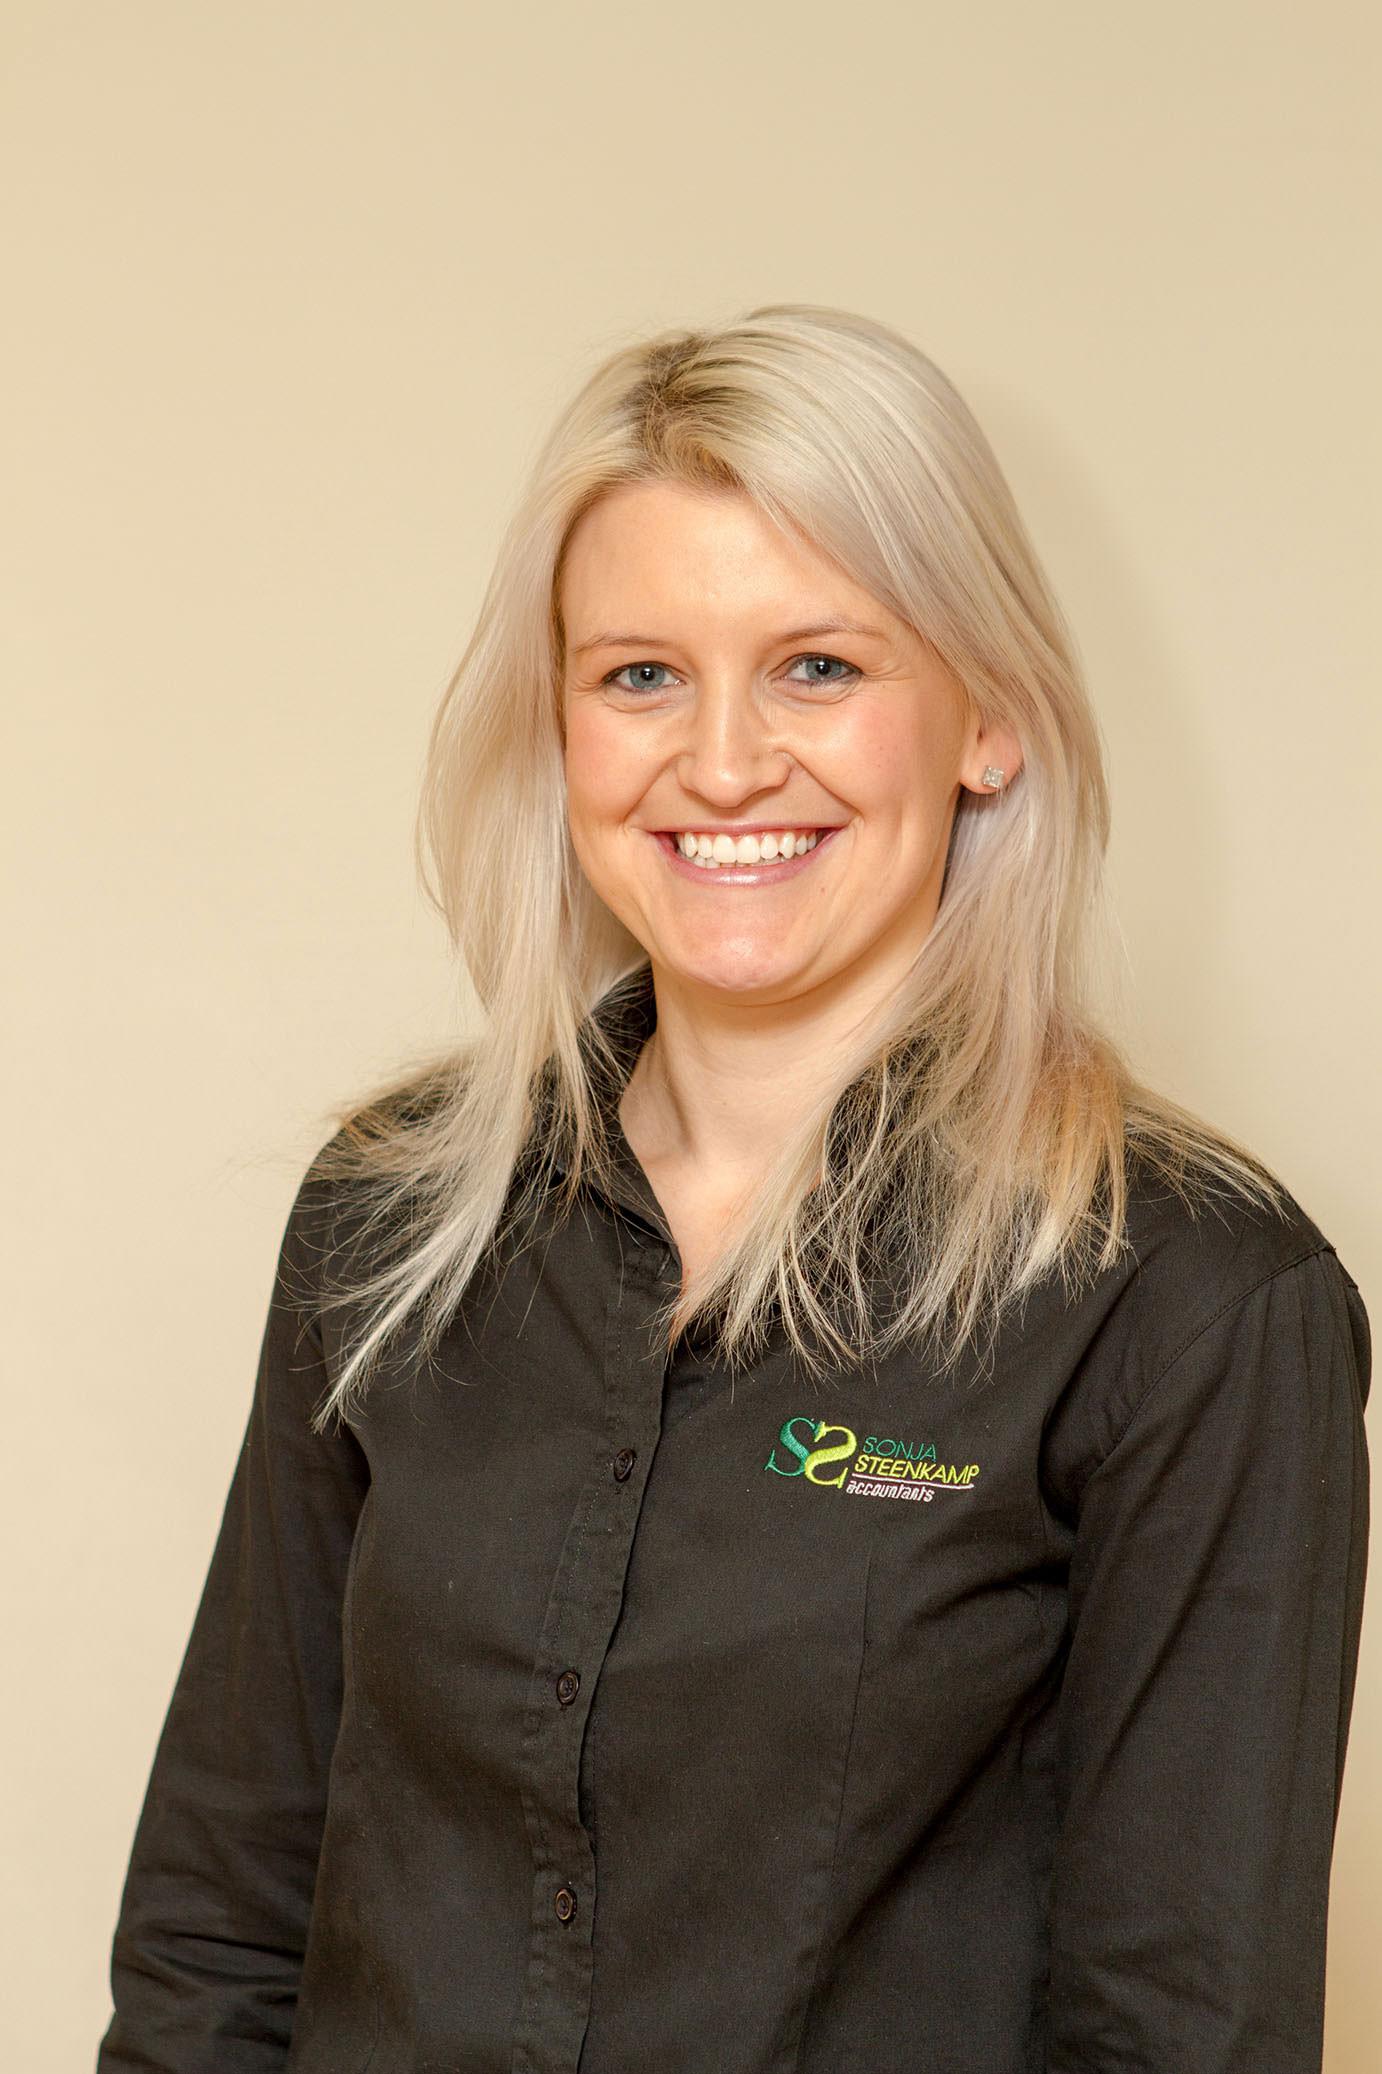 corporate headshots - Corporate Headshots Sonja Steenkamp 12 - Corporate Headshots – Sonja Steenkamp